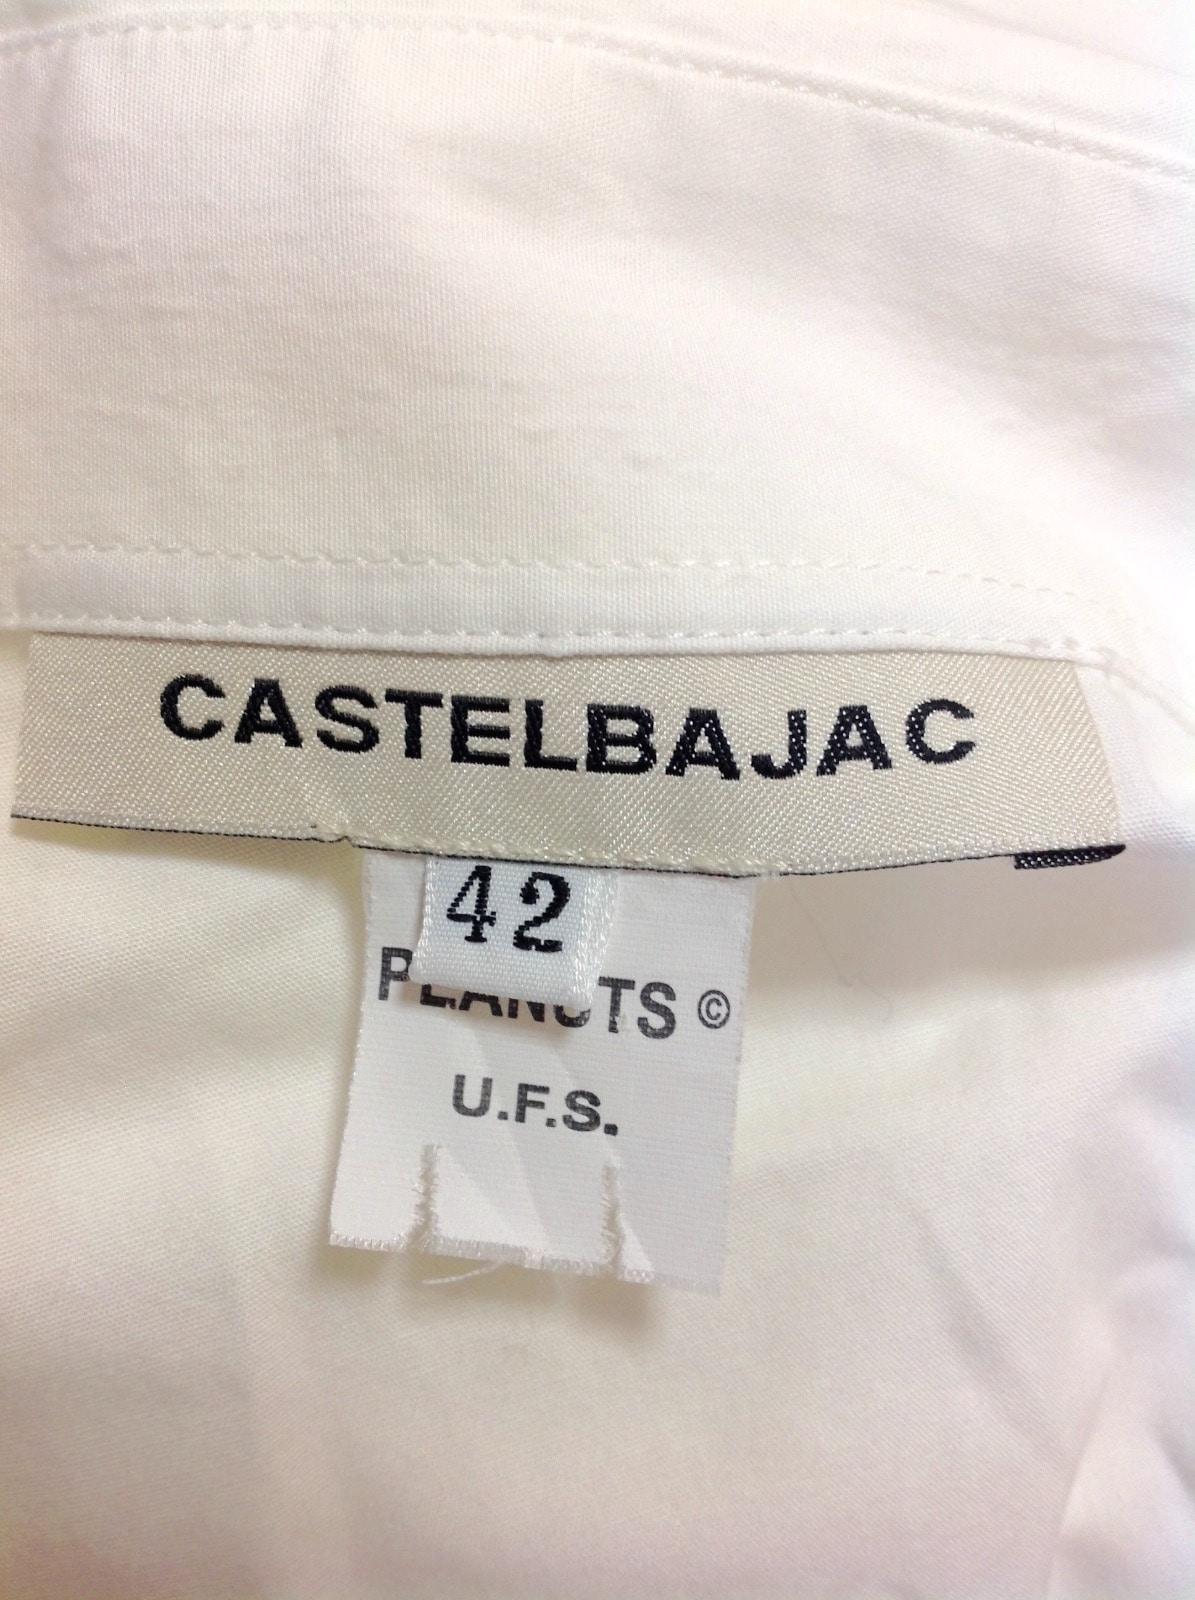 Castelbajac(カステルバジャック)のシャツブラウス